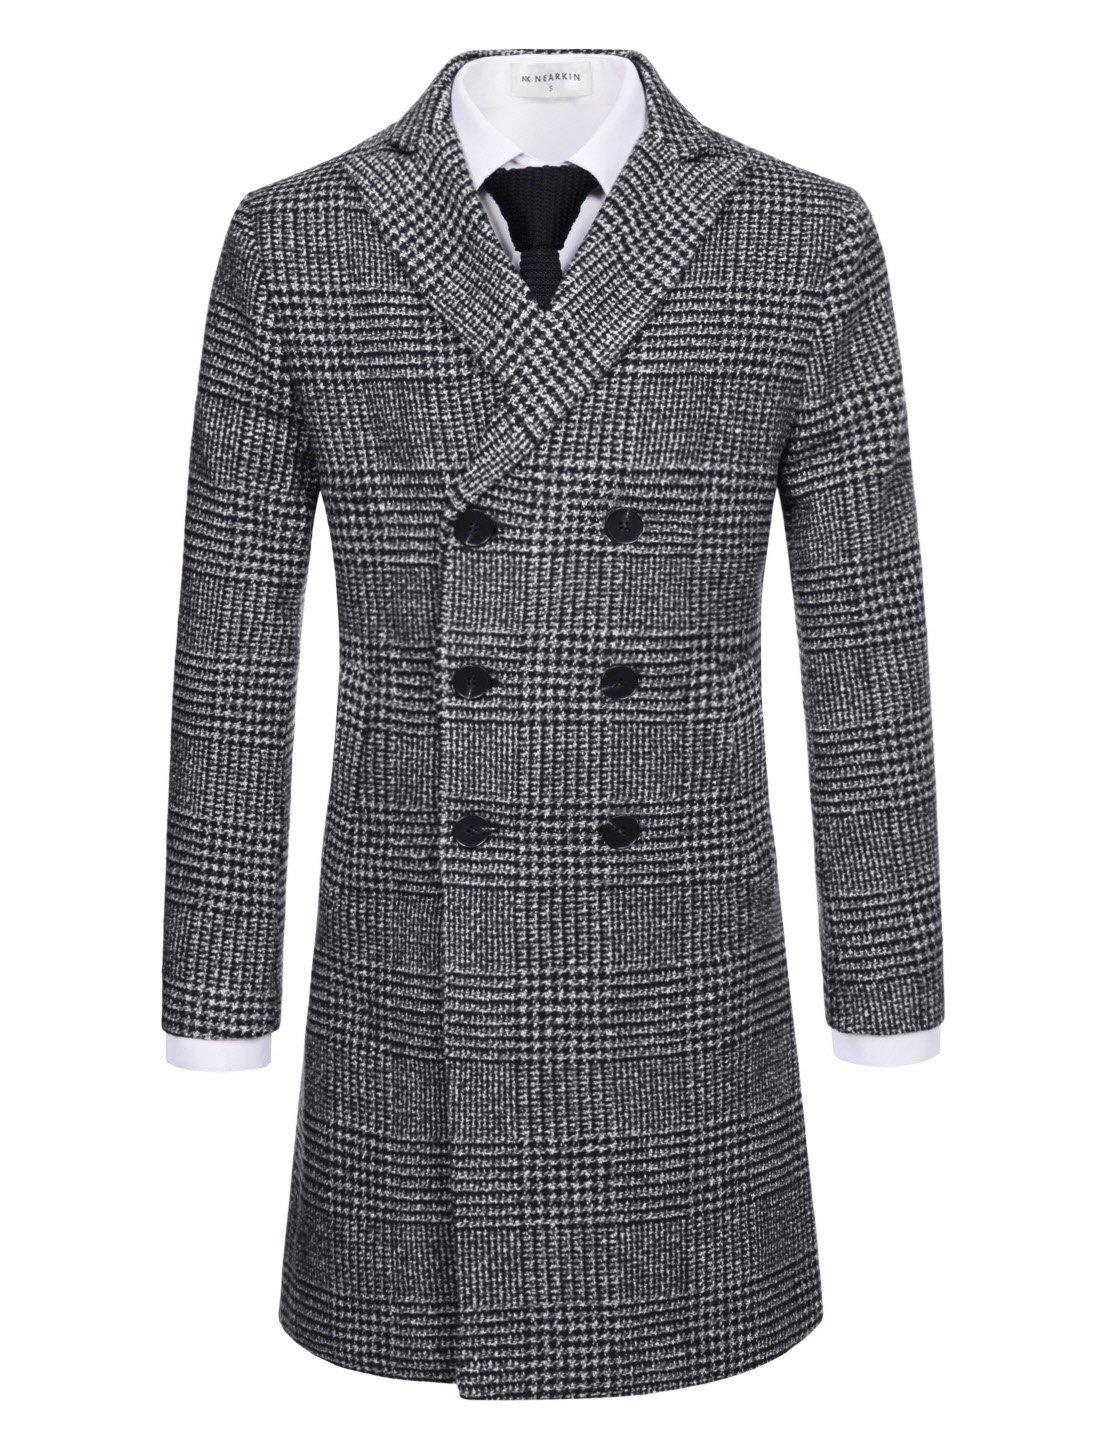 NEARKIN (NKNKDC7052) Mens Checker Double Breasted Peak Lapel Wool Blend Long Coat WHITEBLACK US XXXL(Tag size 3XL) by NEARKIN